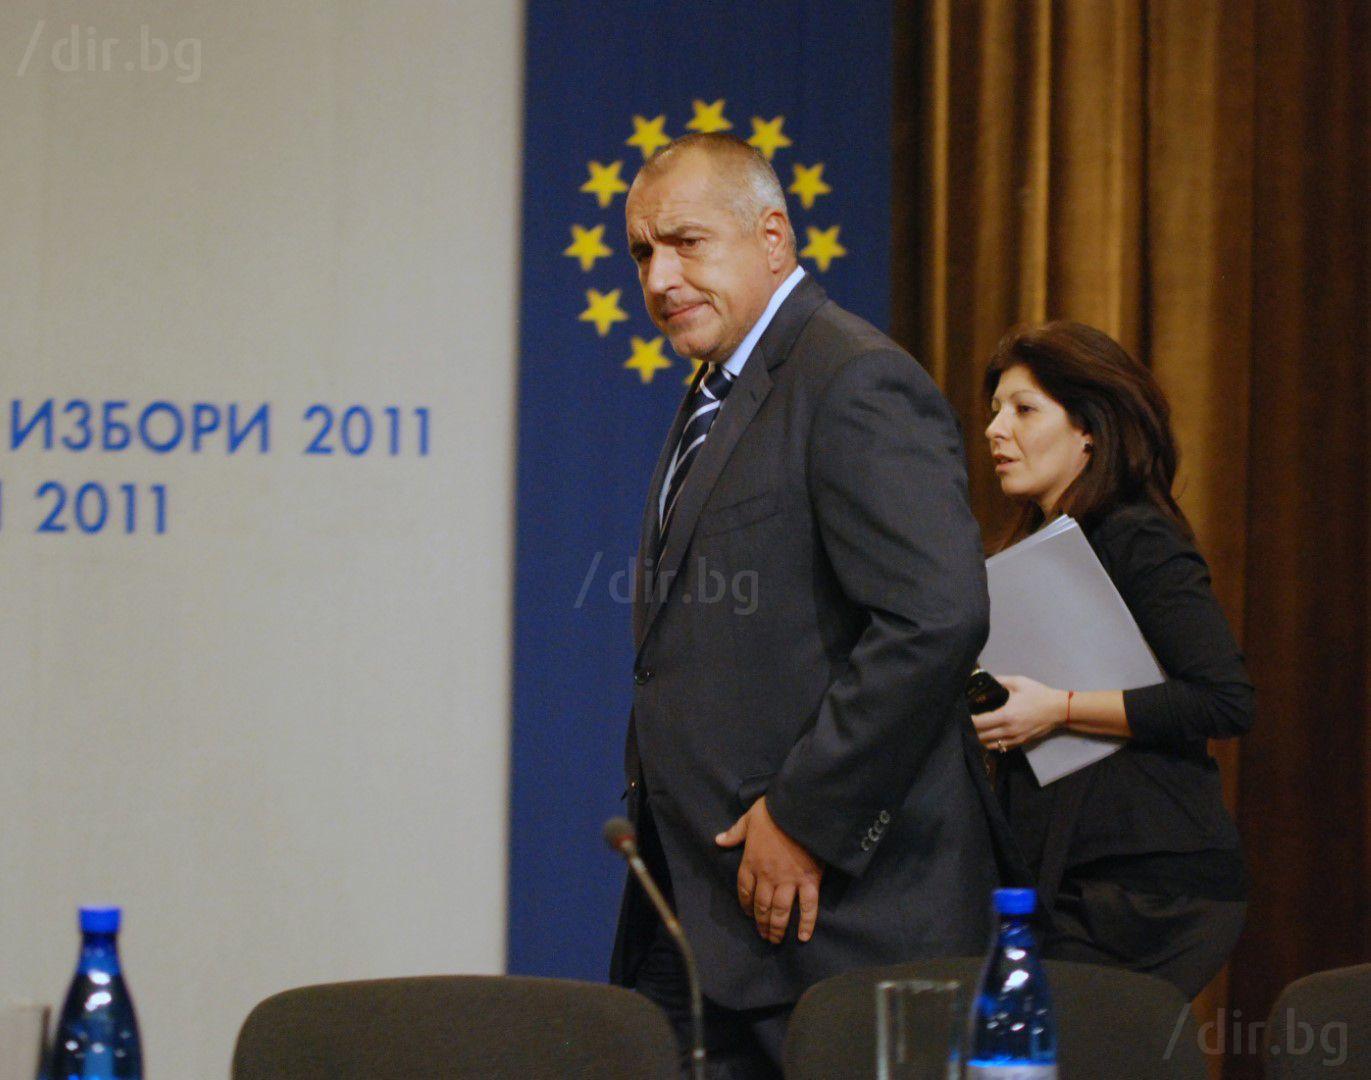 Снимка: Иван Григоров/Dir.bg